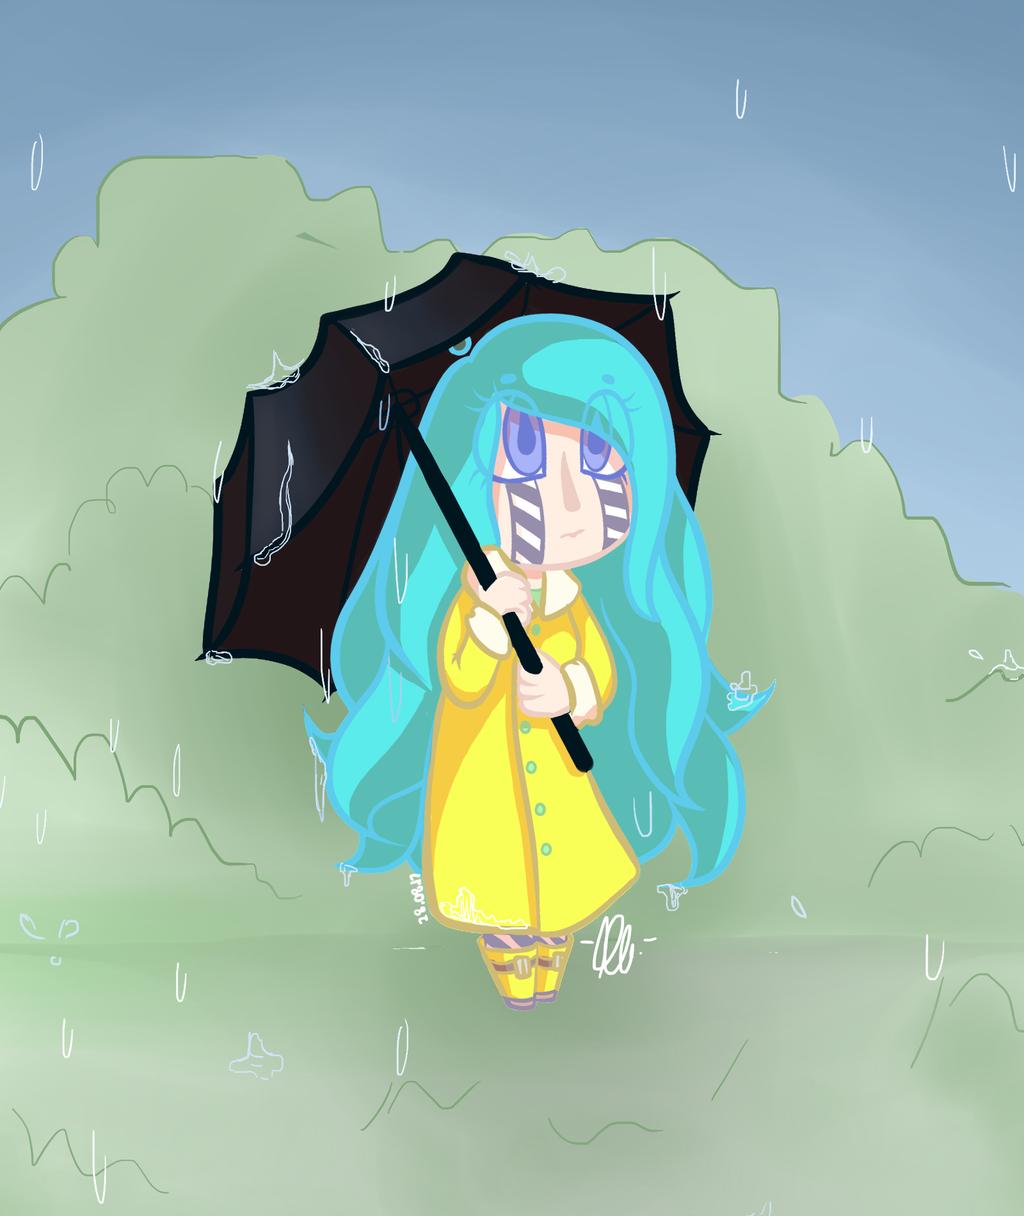 It's Raining by kangaroo722